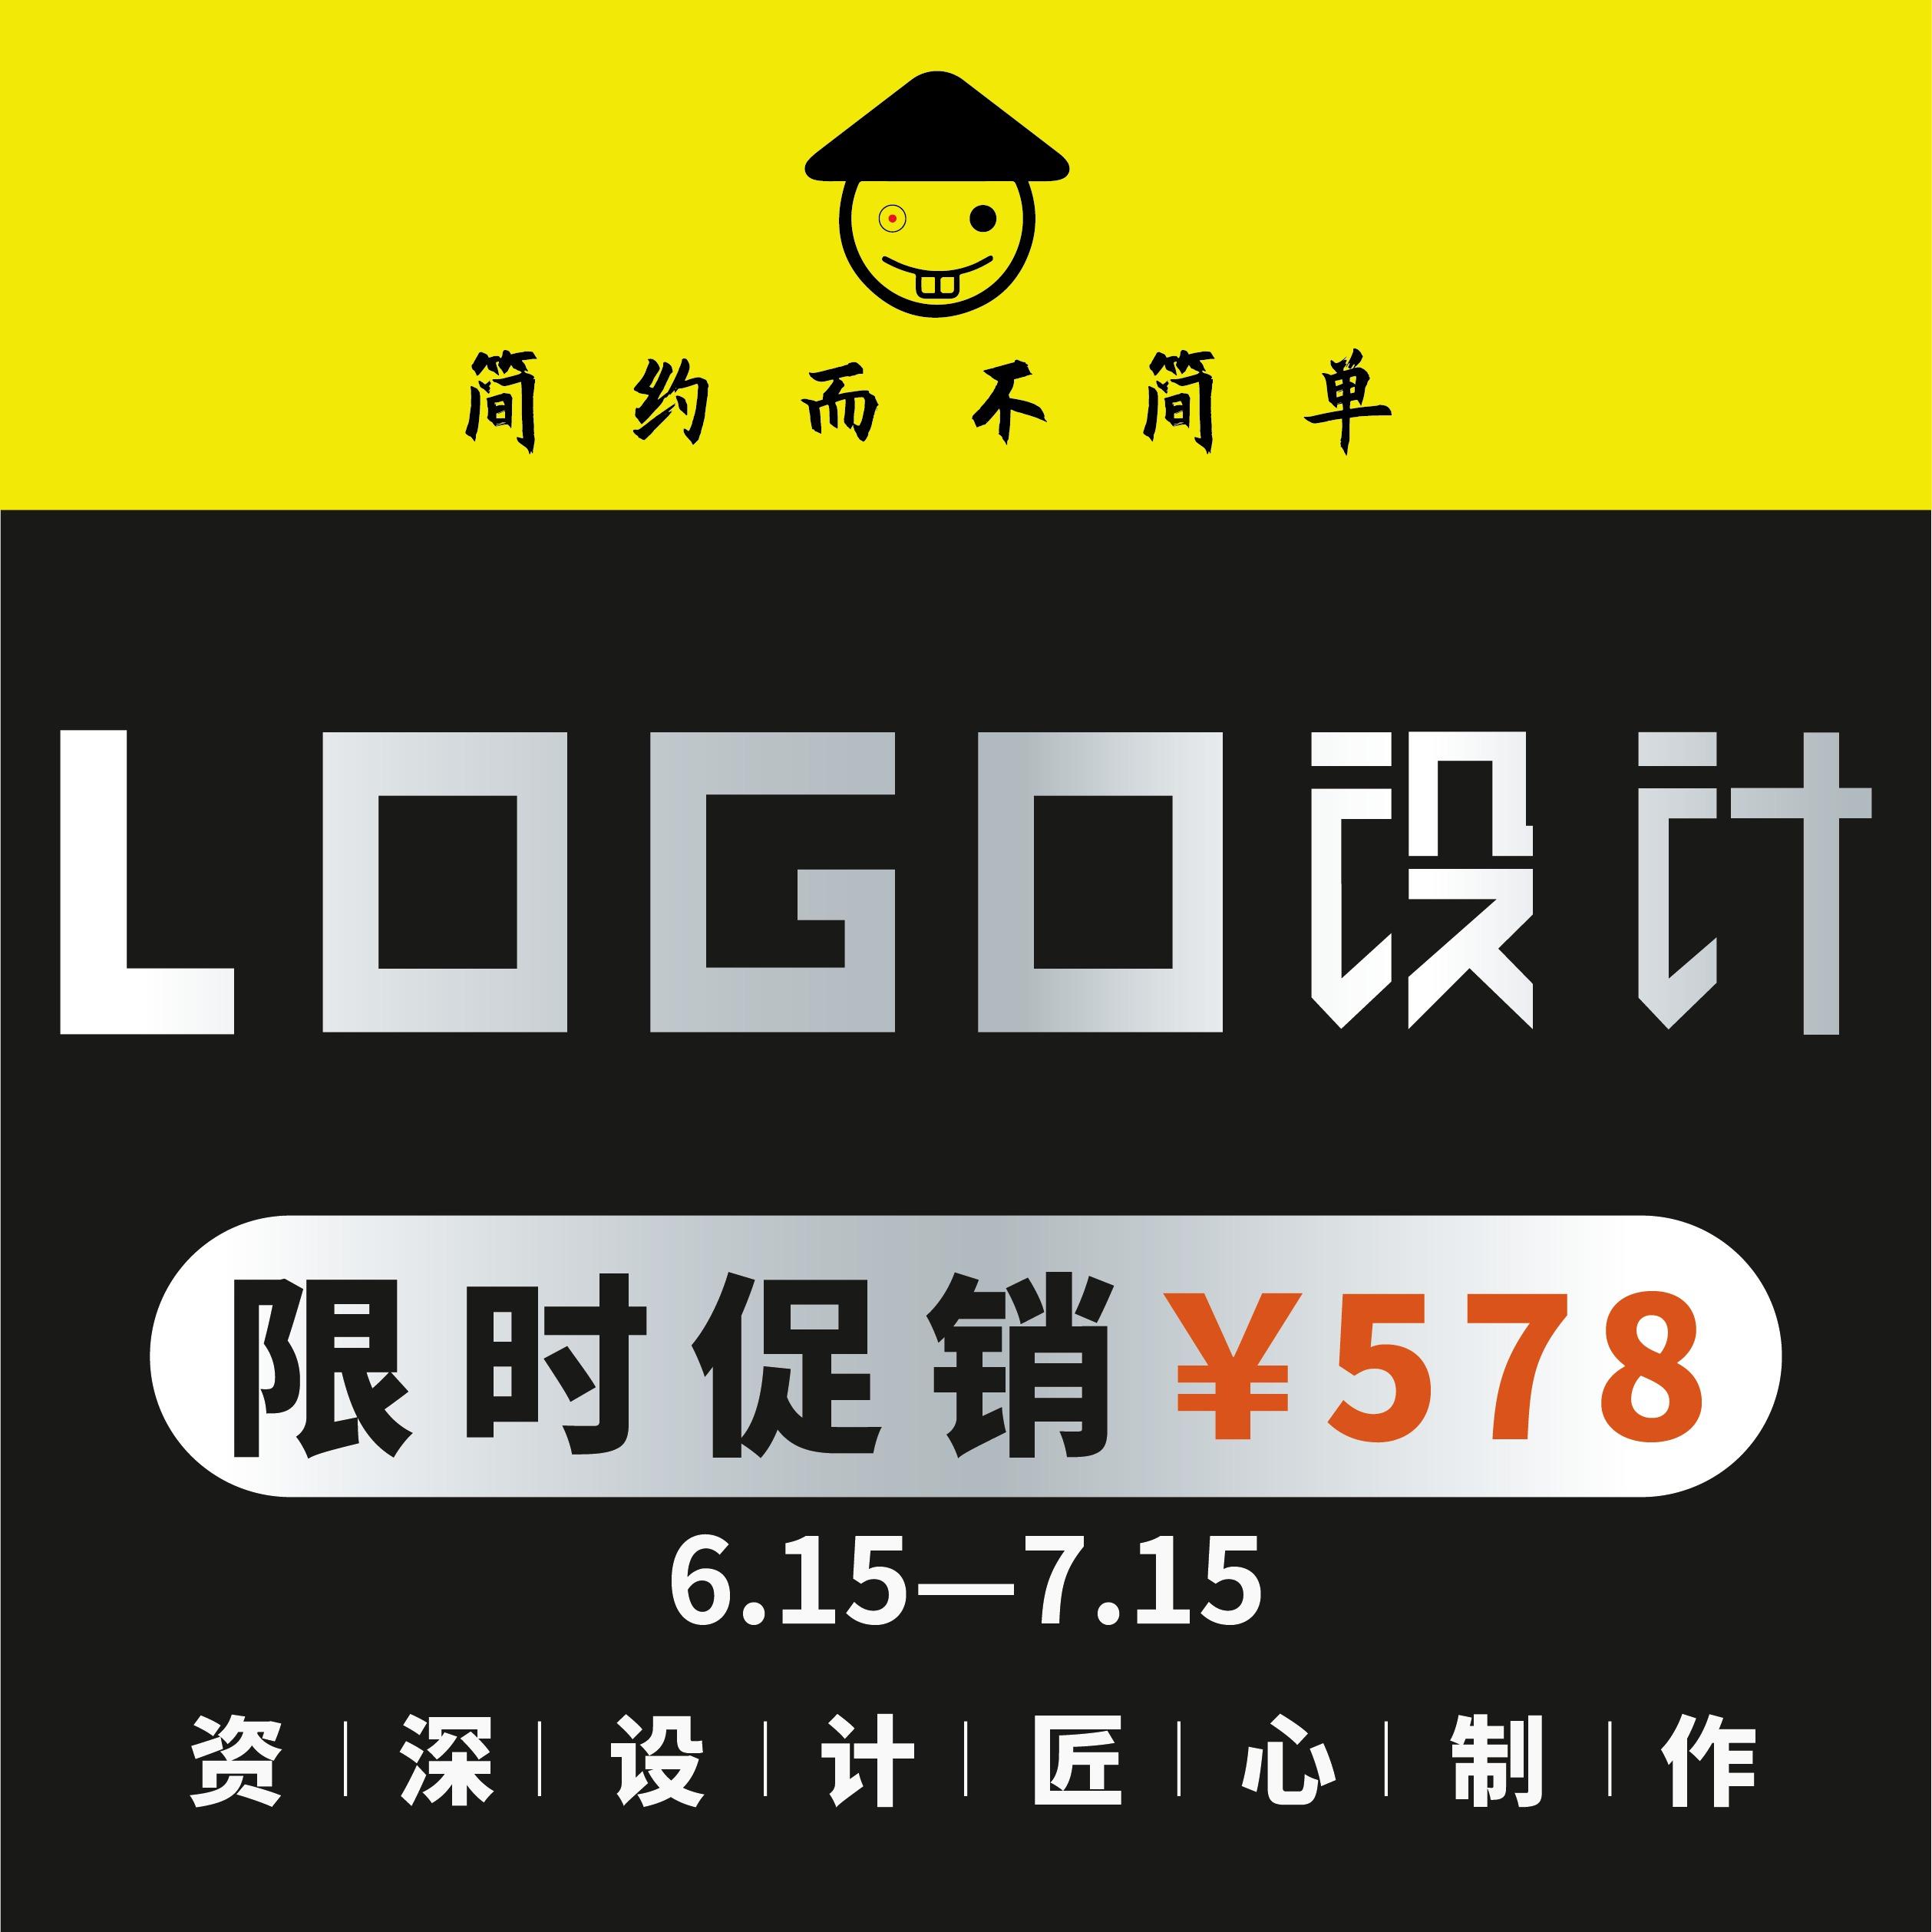 公司卡通logo宣传商标设计插画包装画册动漫VI名片海报设计